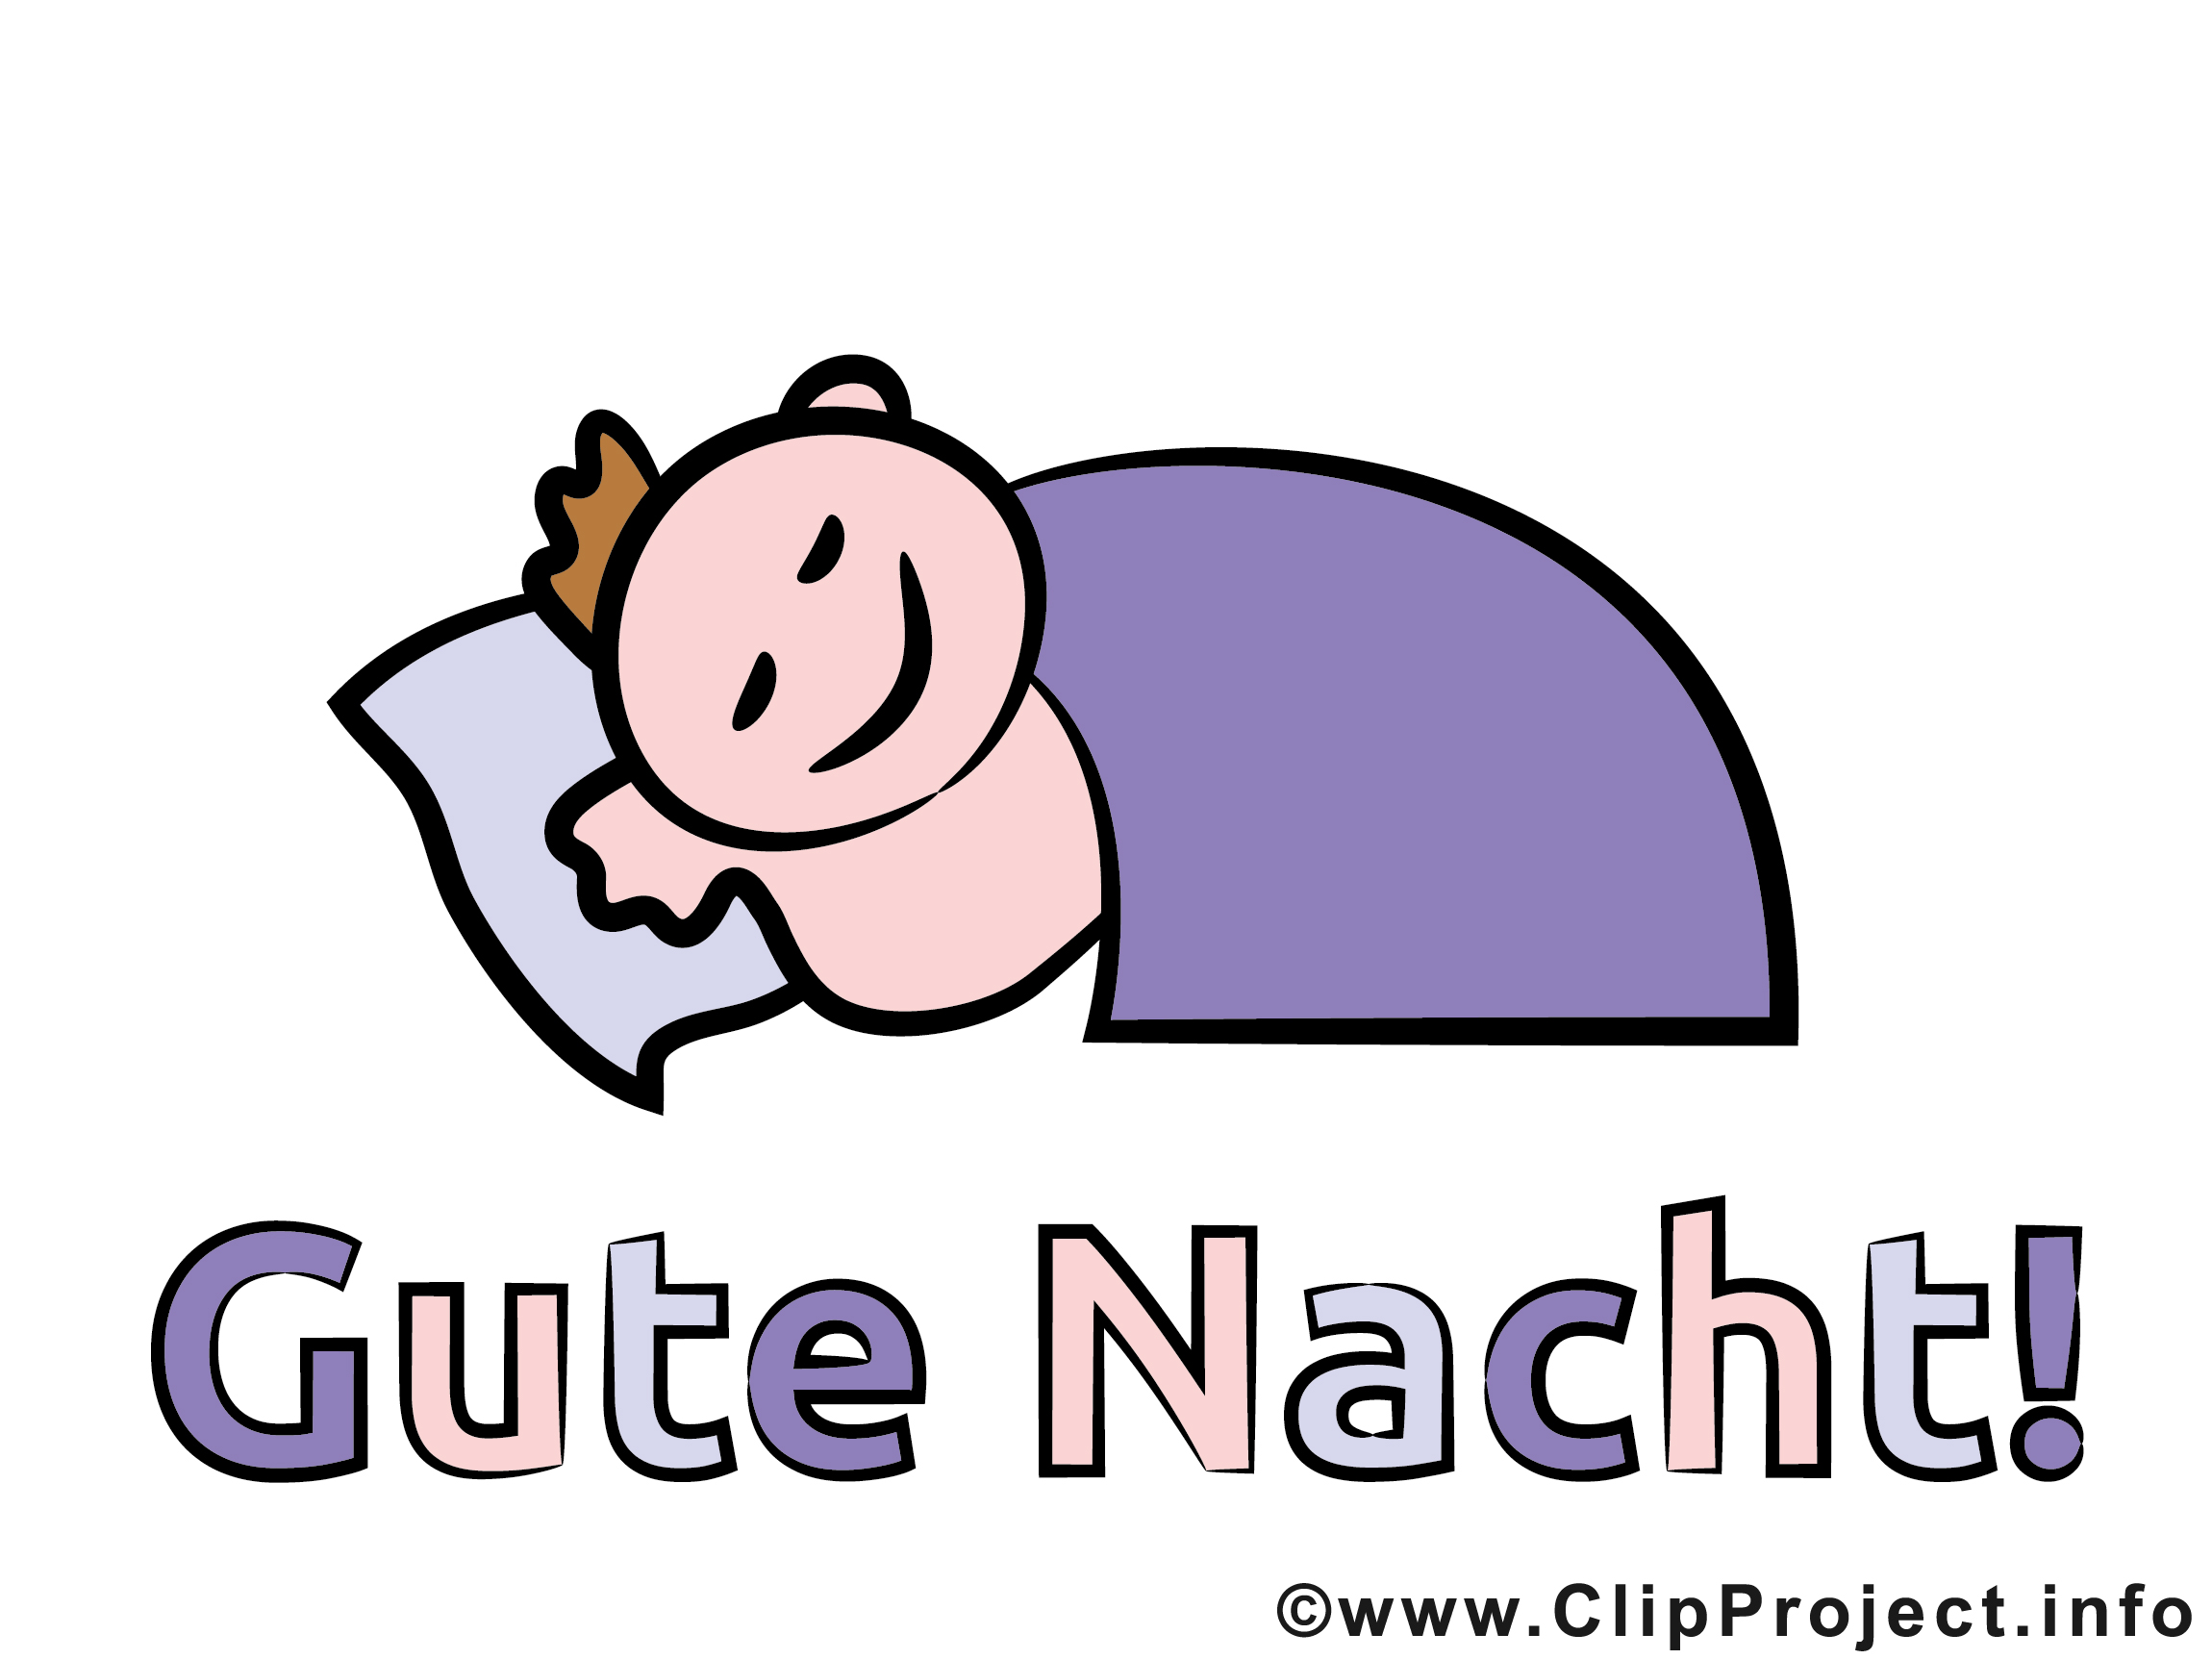 Gute nacht clipart bilder image freeuse Gute Nacht Bilder kostenlos image freeuse